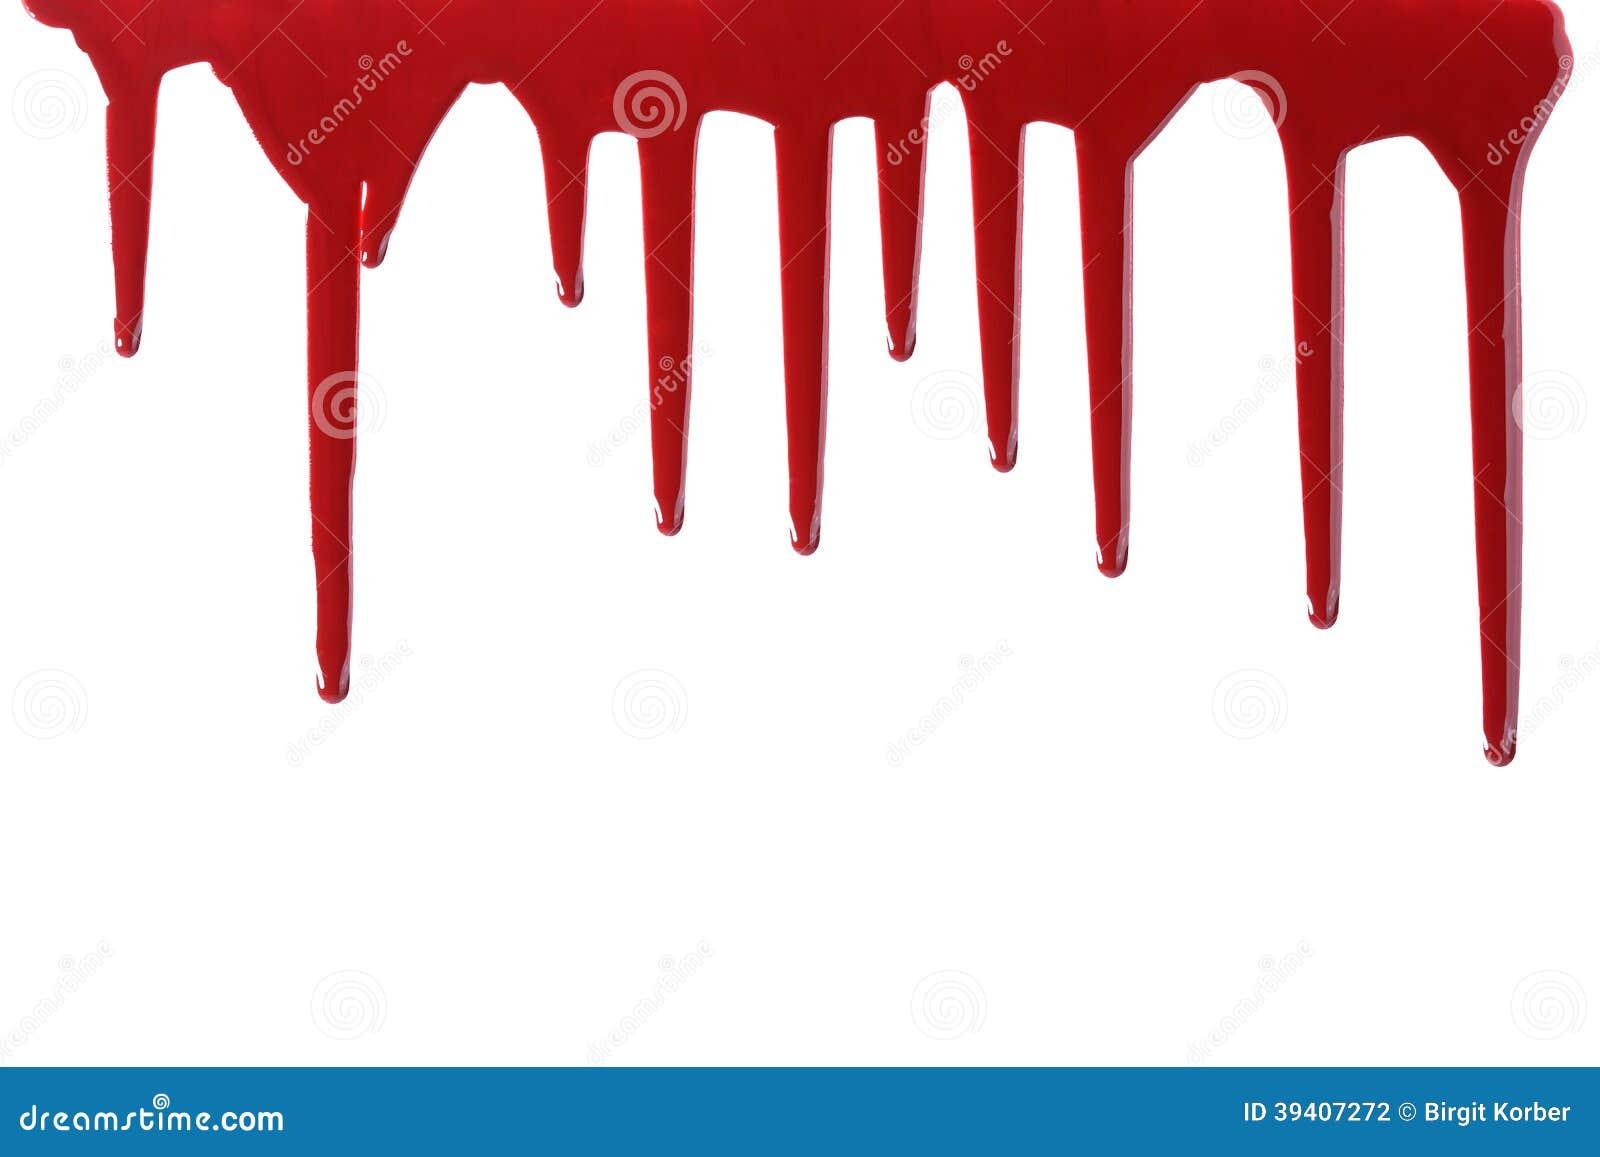 Кровь фото